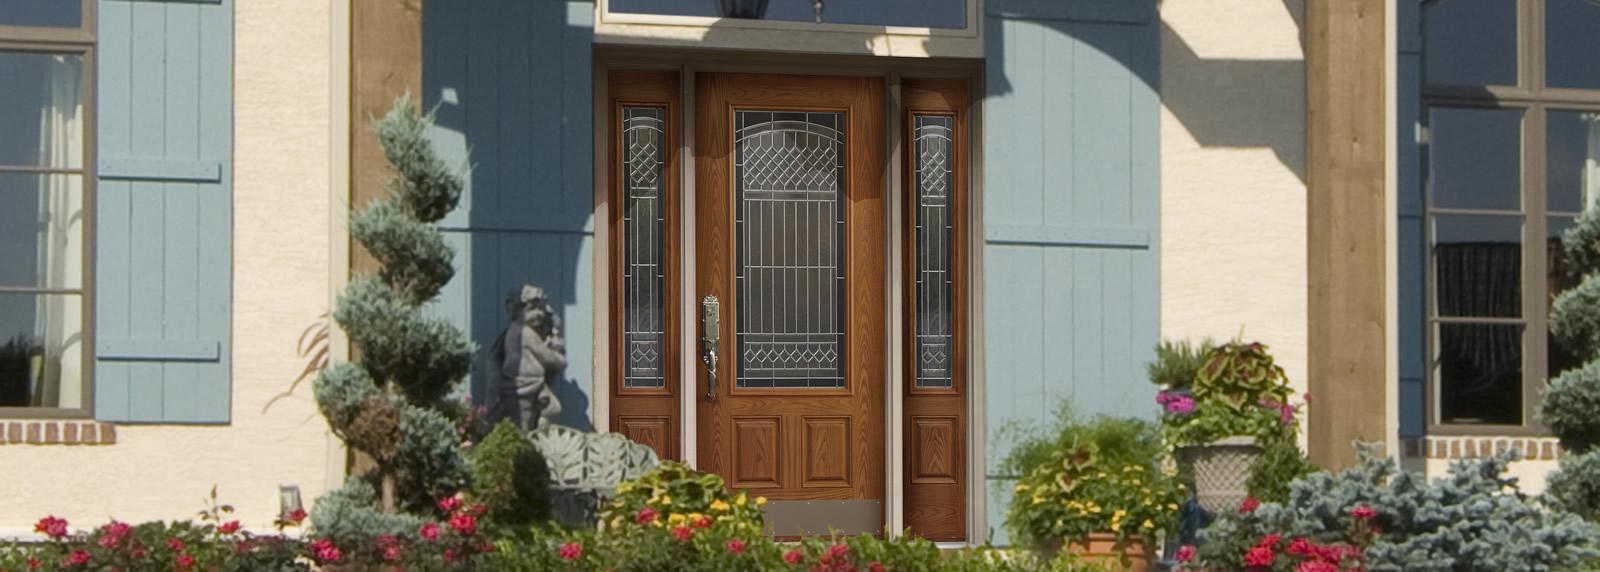 Entry Doors & entry doors | Door Pro America